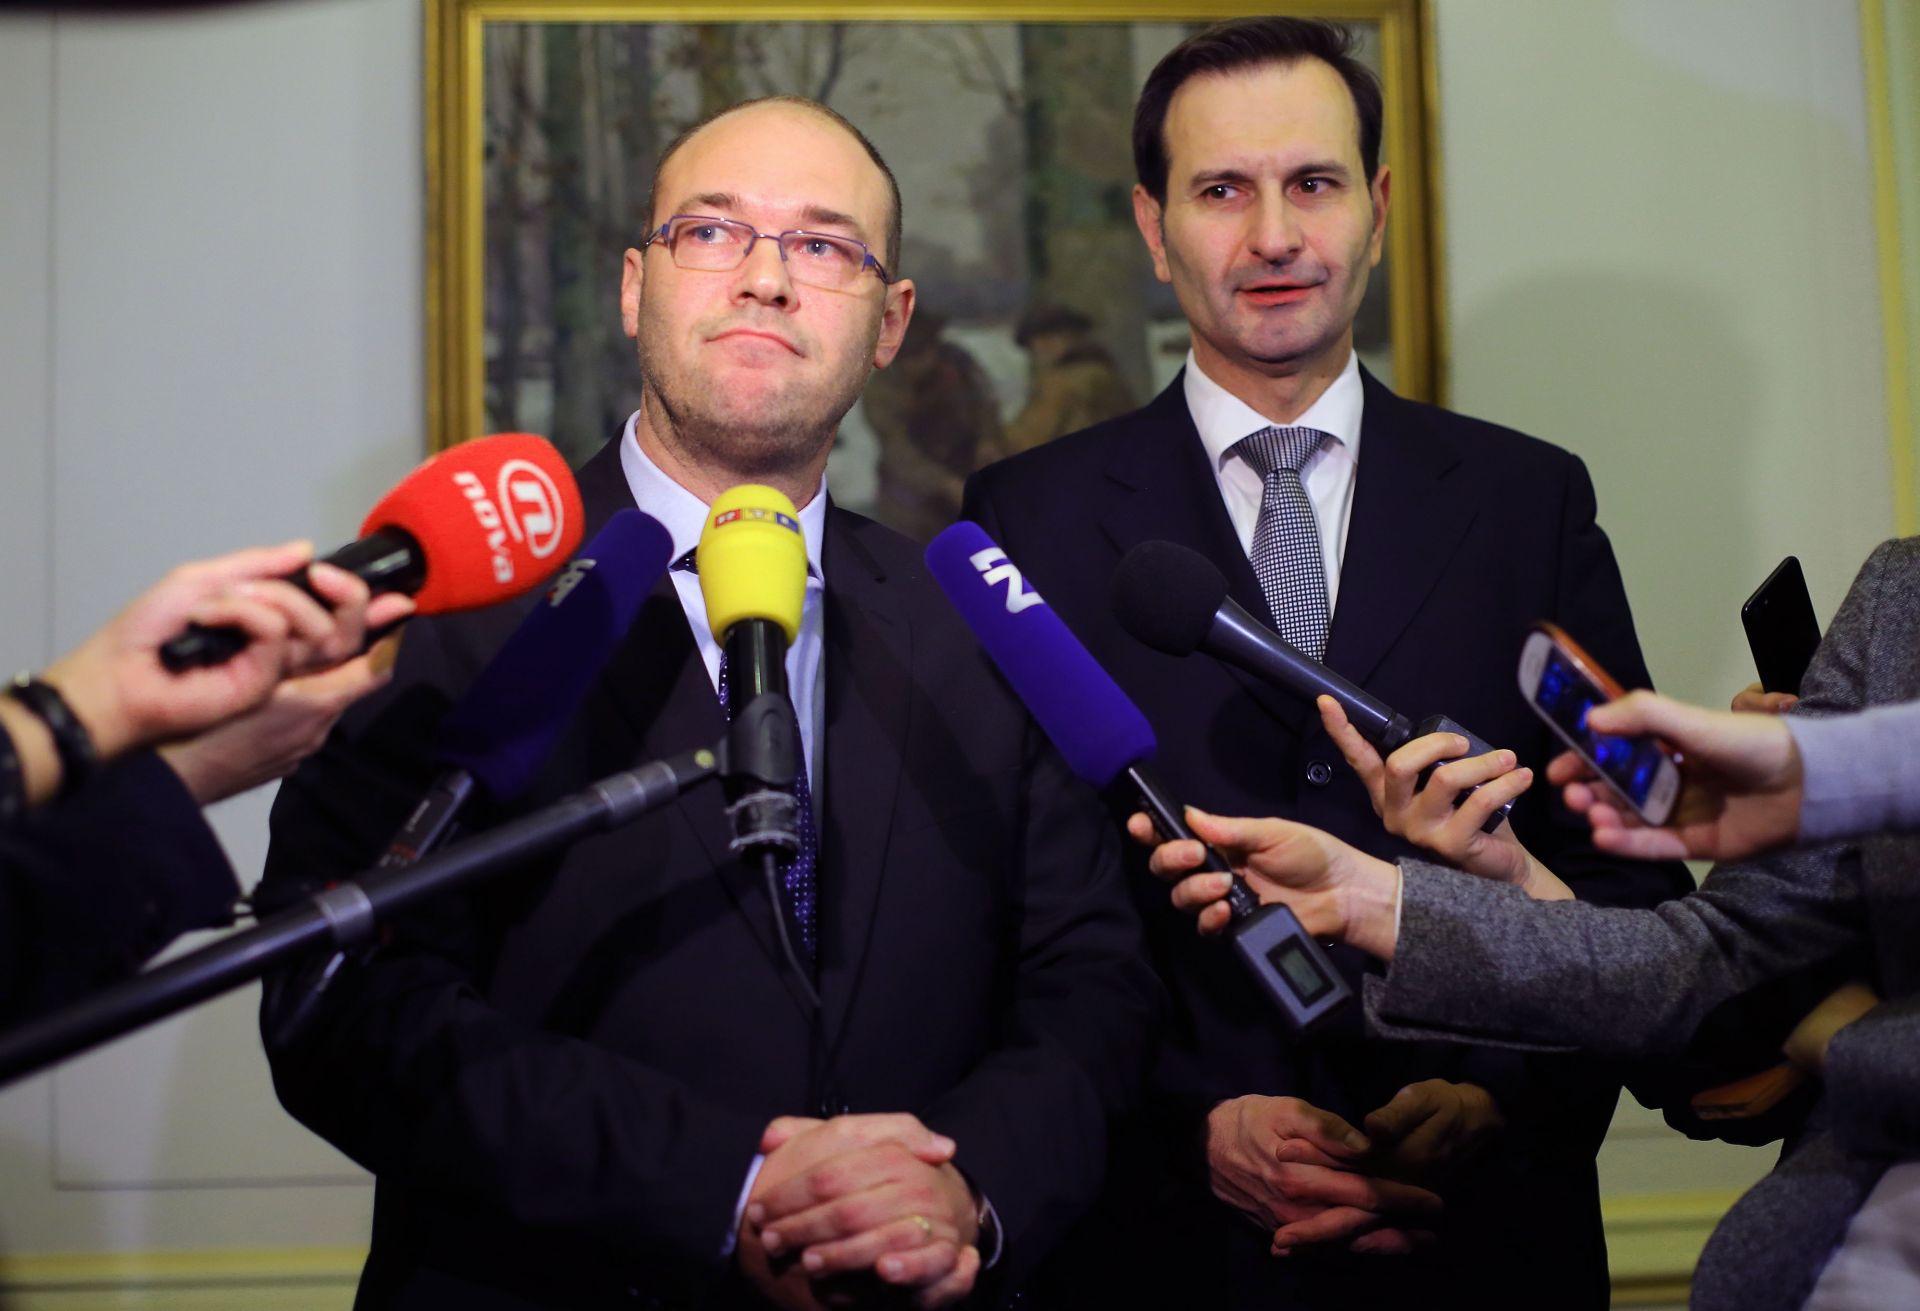 STIER: 'Hakerski napad je možda došao s istoka, ali nema veze s Plenkovićevim posjetom Ukrajini'